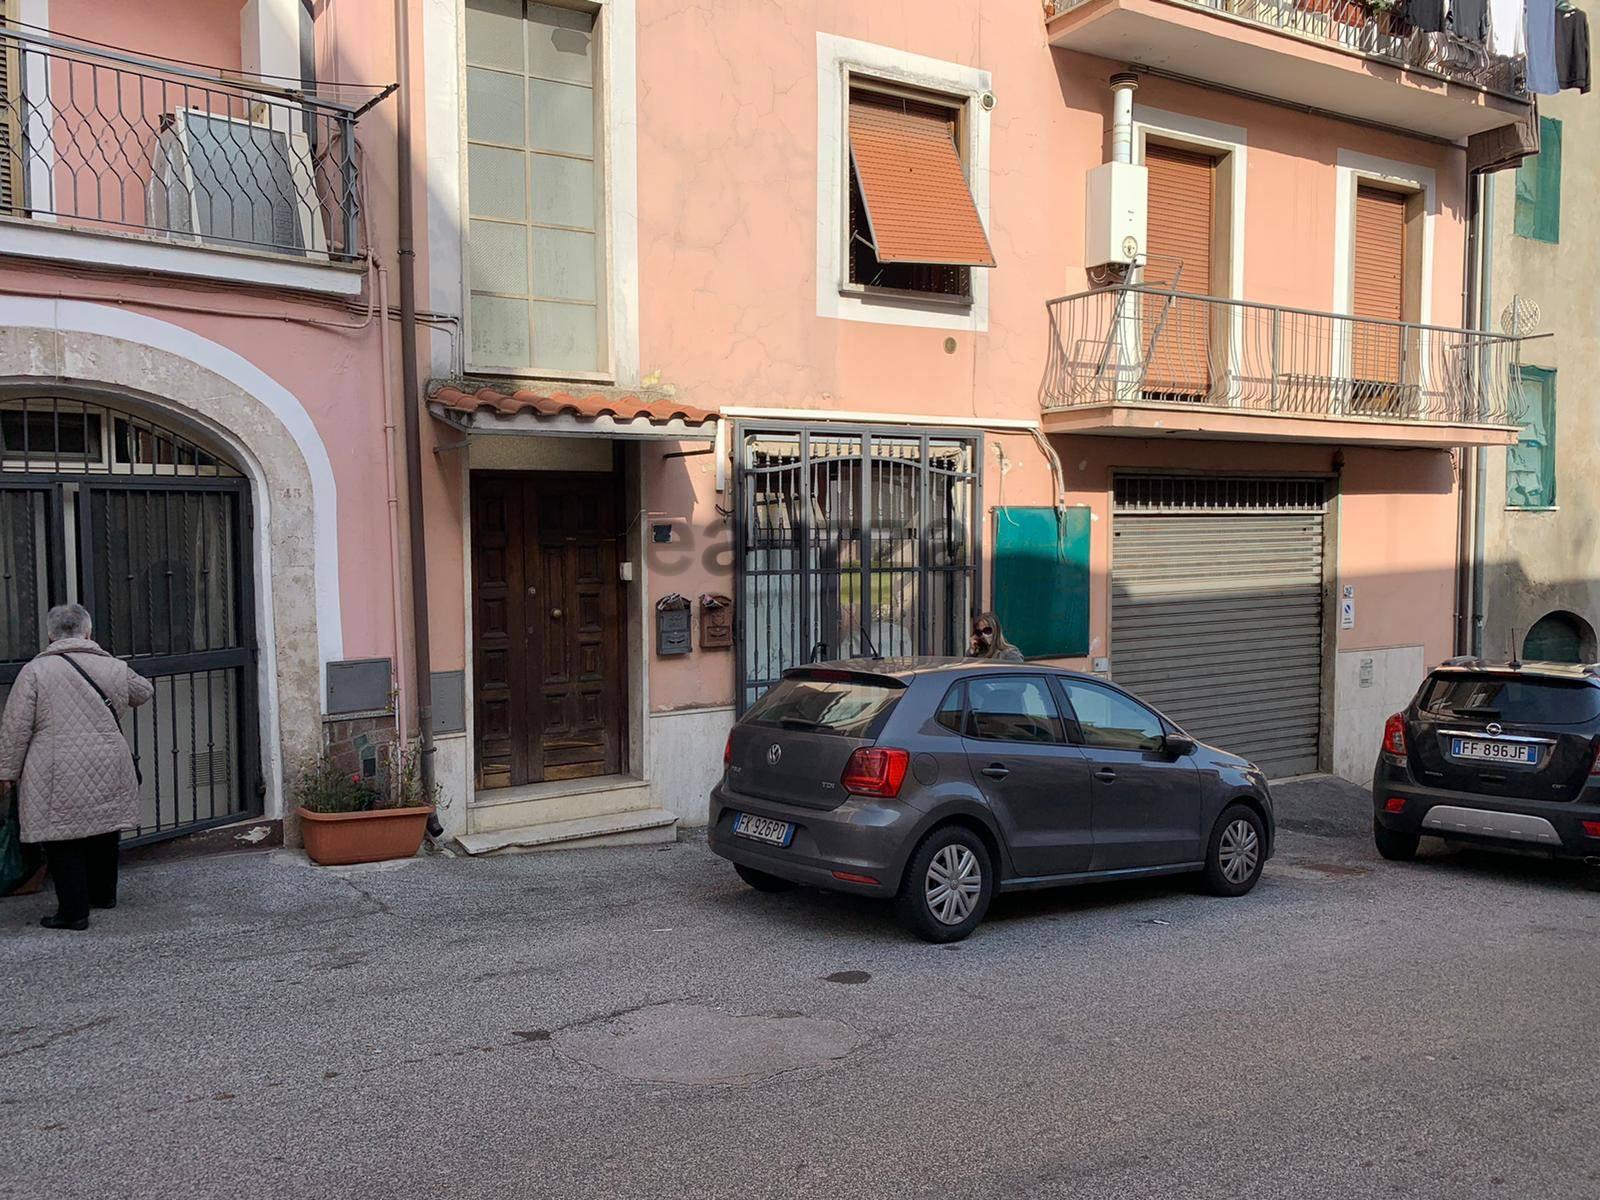 Fondo commerciale in vendita a Frosinone (FR)